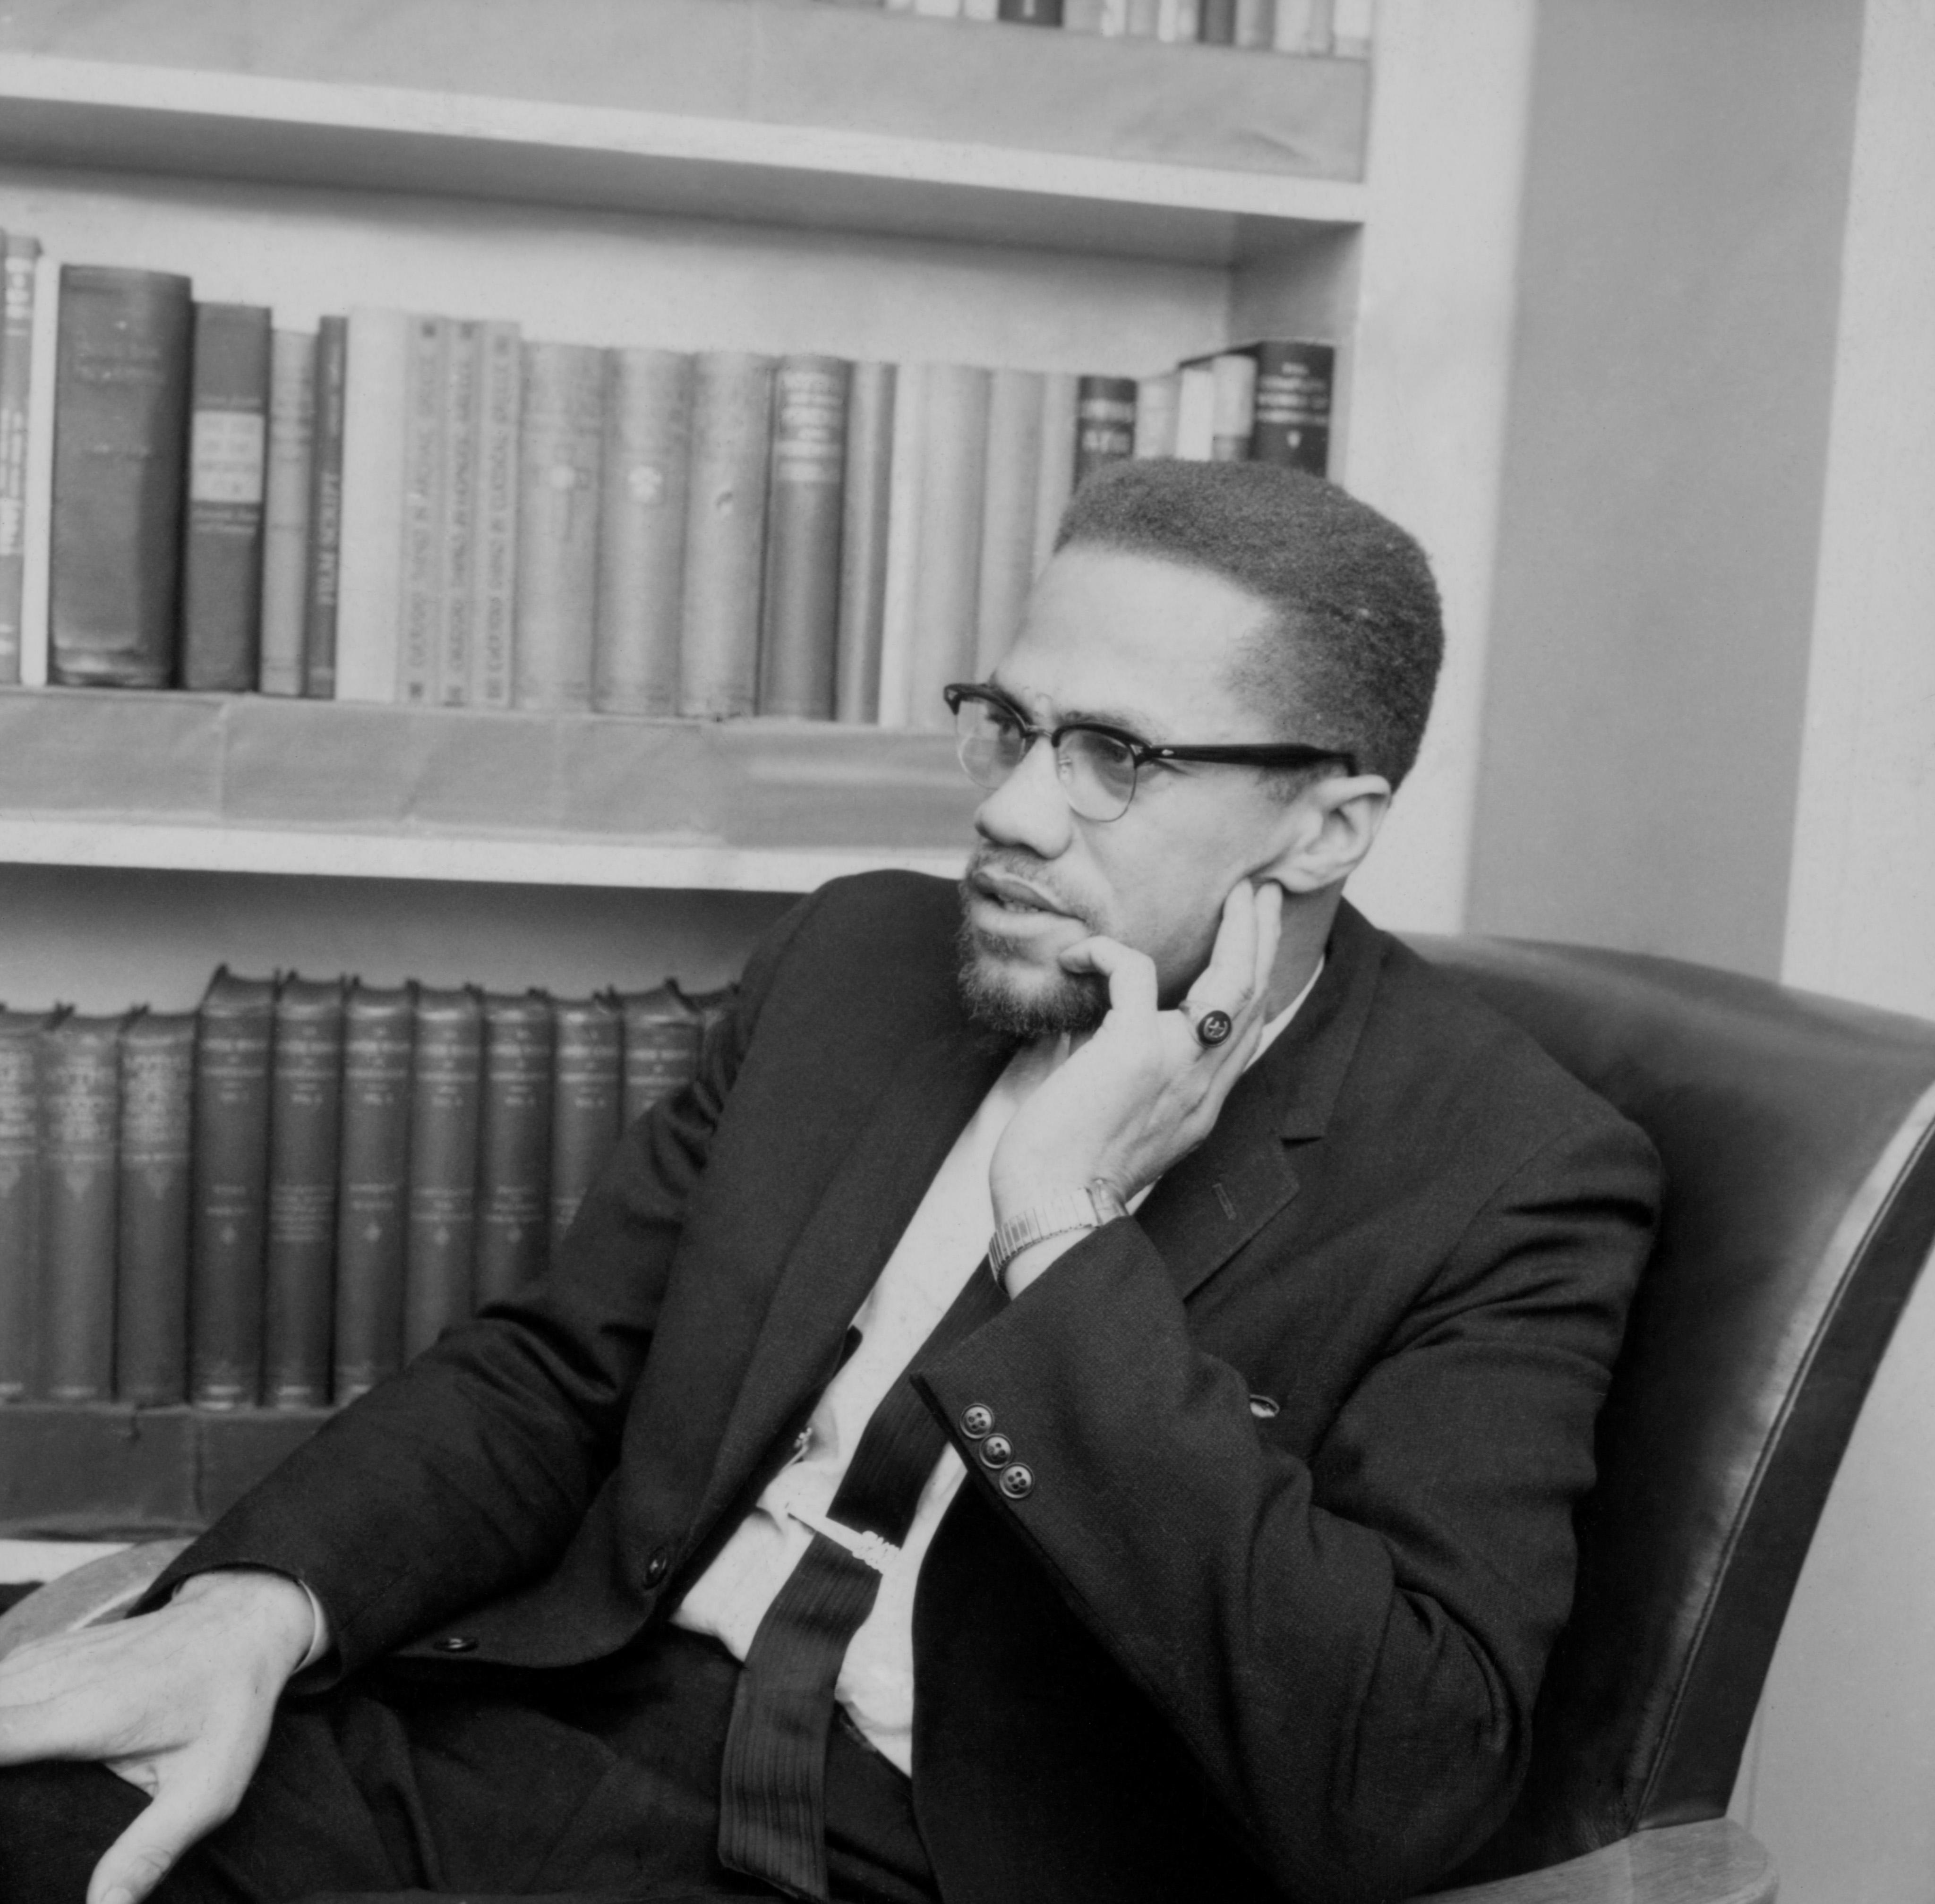 Politics - Malcolm X - BBC TV - 'The Negro in America' - London - 1964